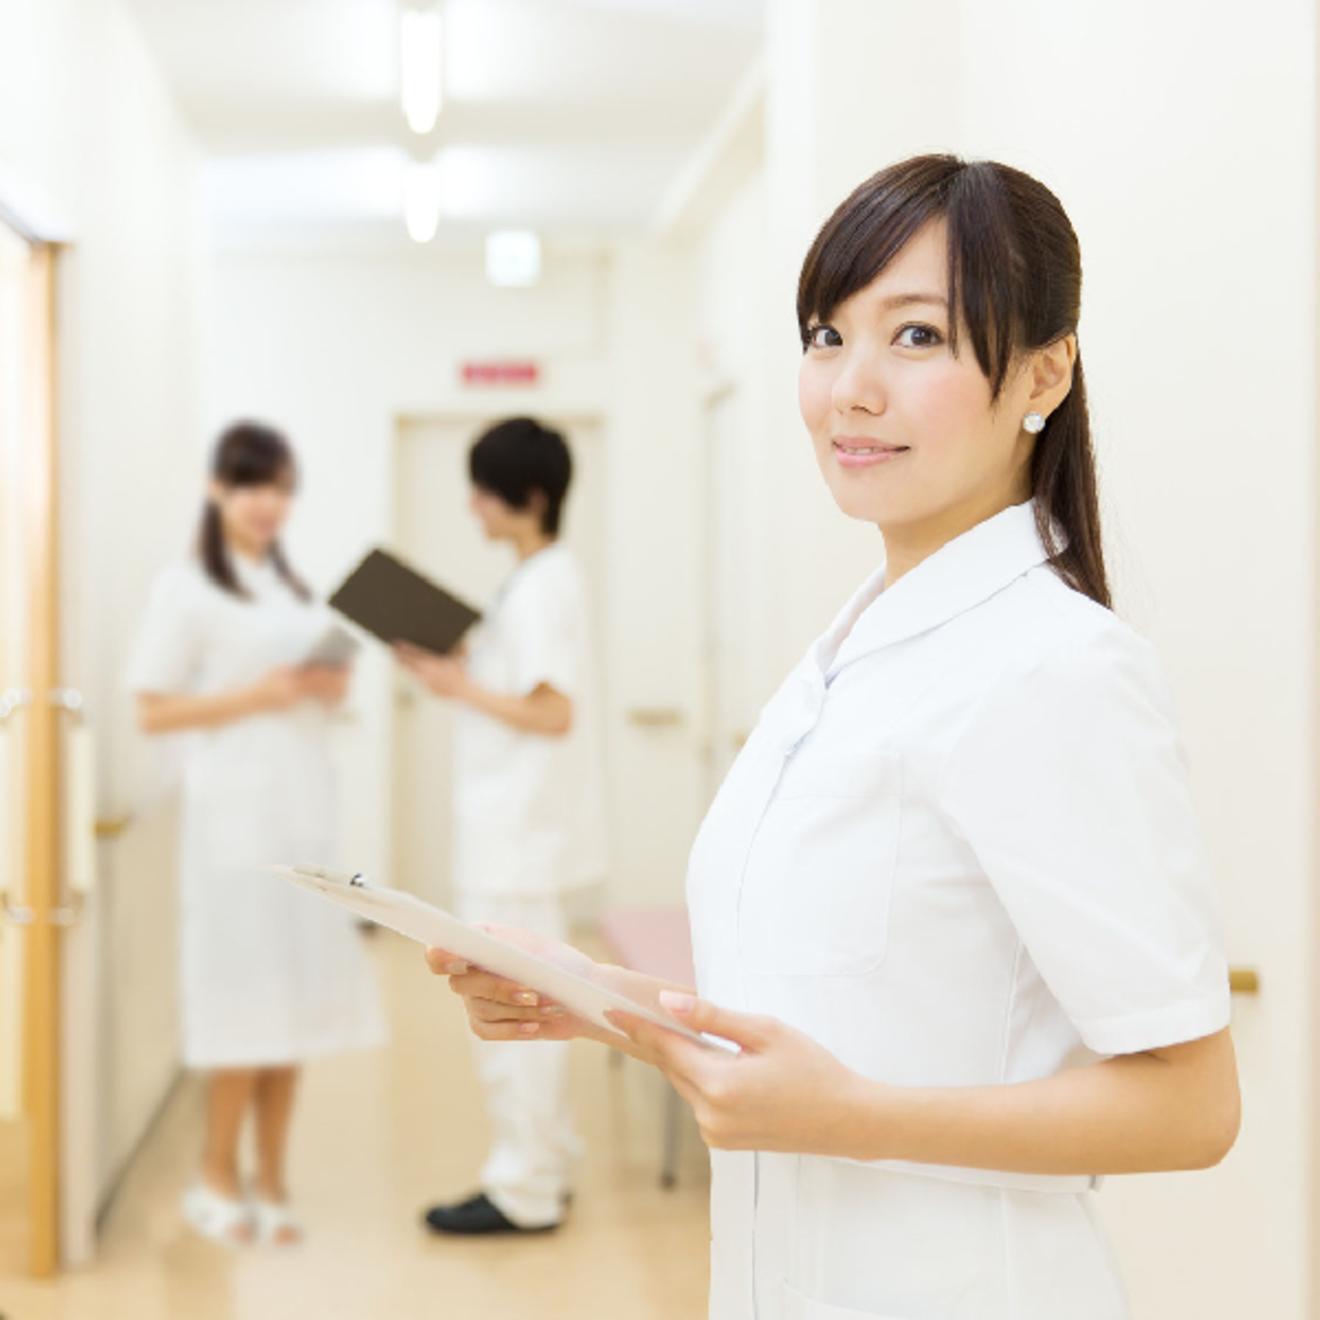 歯科衛生士になるには?5分で分かる、仕事内容や助手との違い、給料など